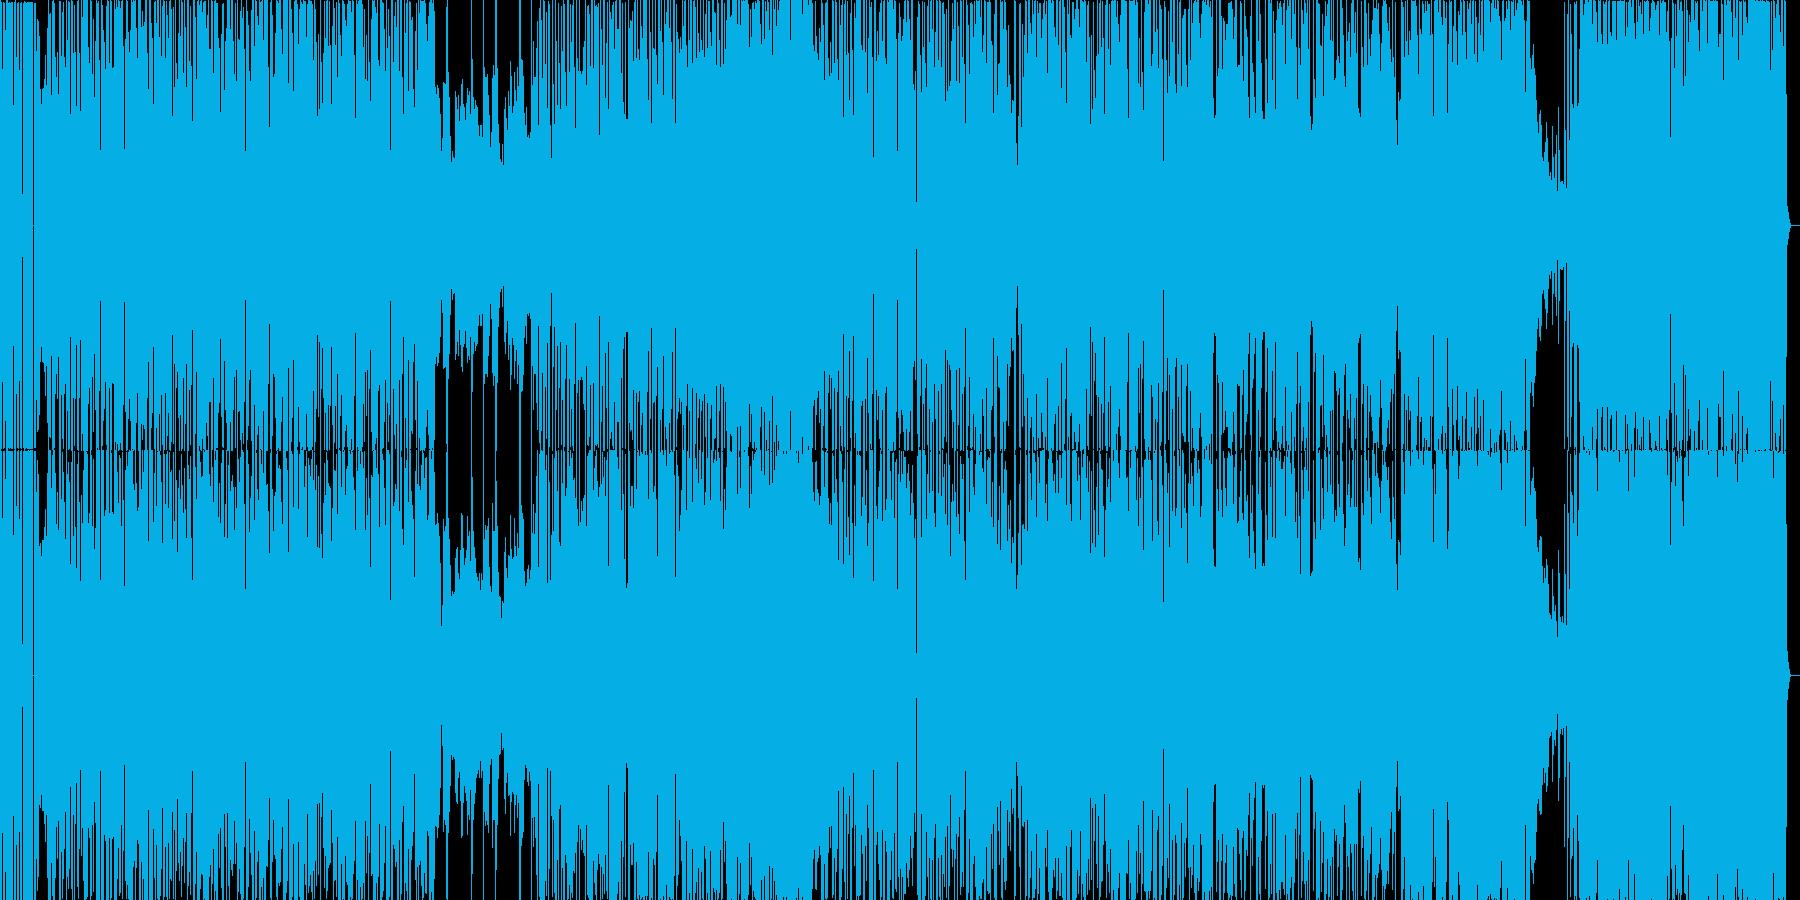 ジャズ+EDMの疾走感のあるBGMの再生済みの波形